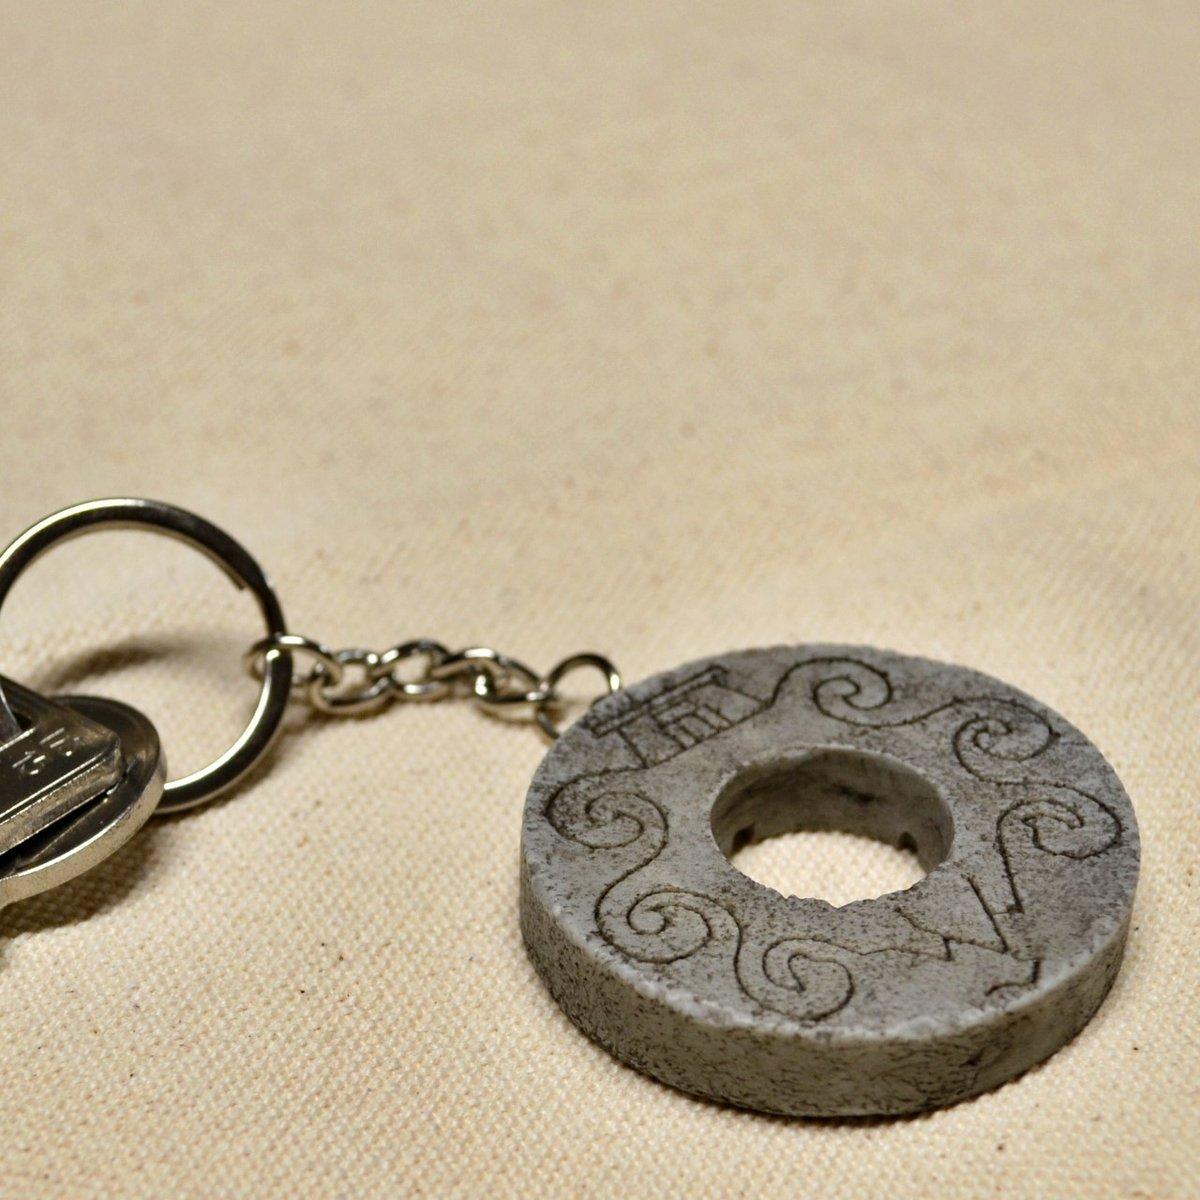 Image of Worldstone keychain